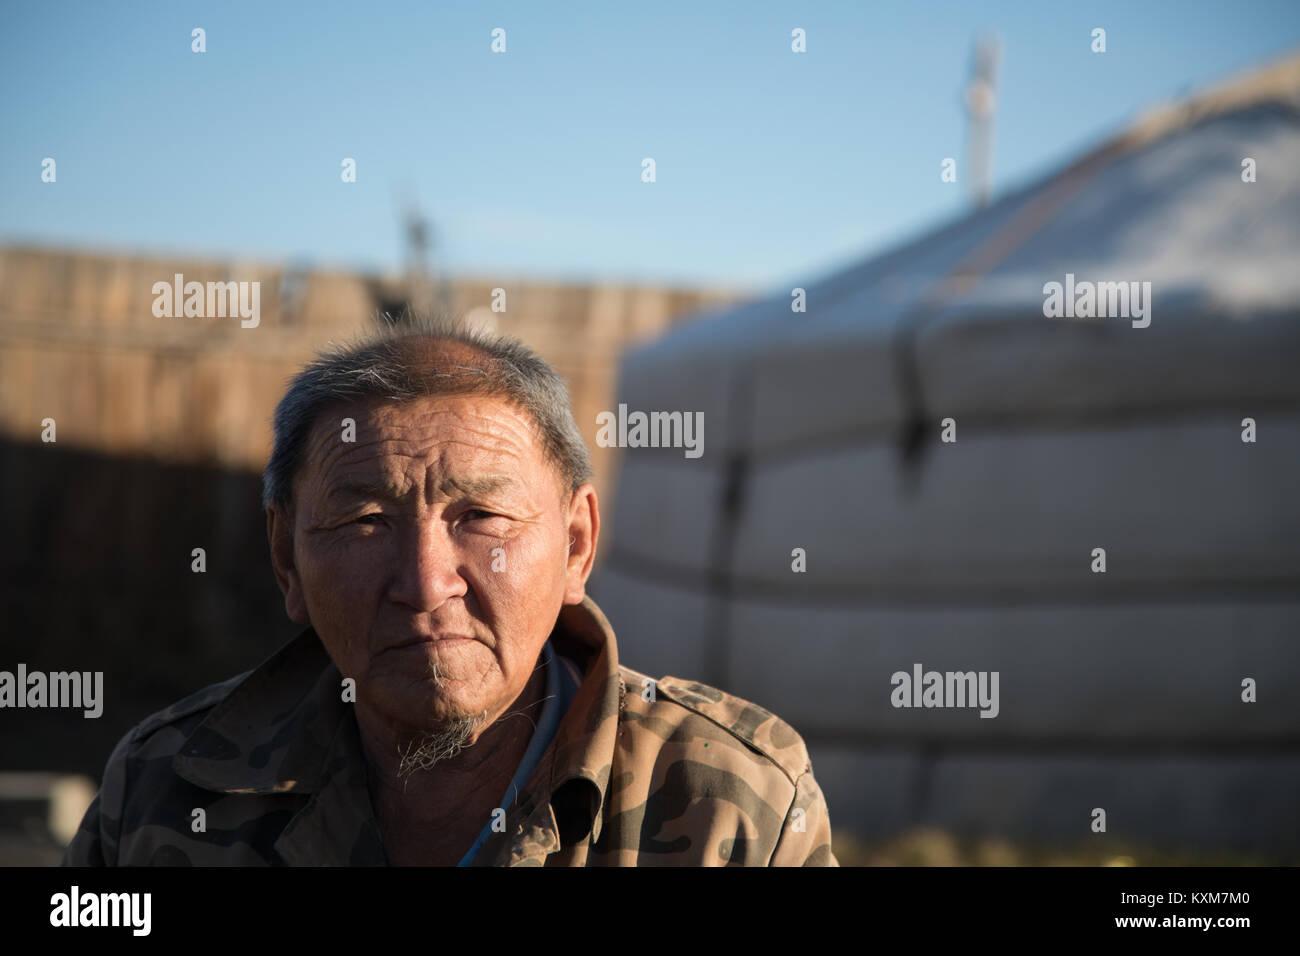 La mezza età uomo vecchio ritratto della Mongolia ger camp Ulan Bator mattina il sorgere del sole Immagini Stock